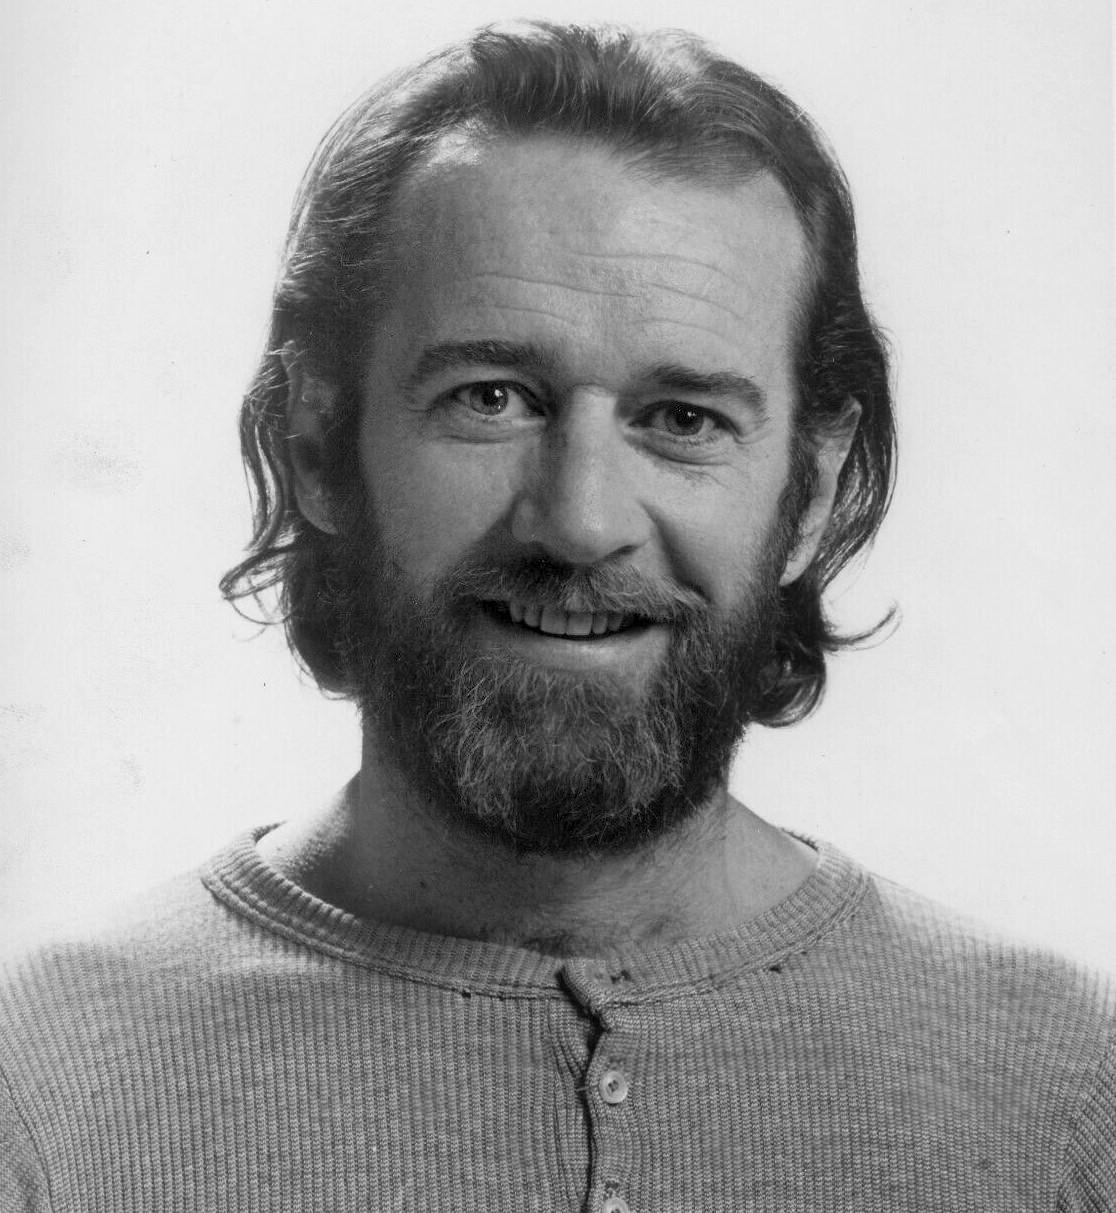 Photo George Carlin via Opendata BNF